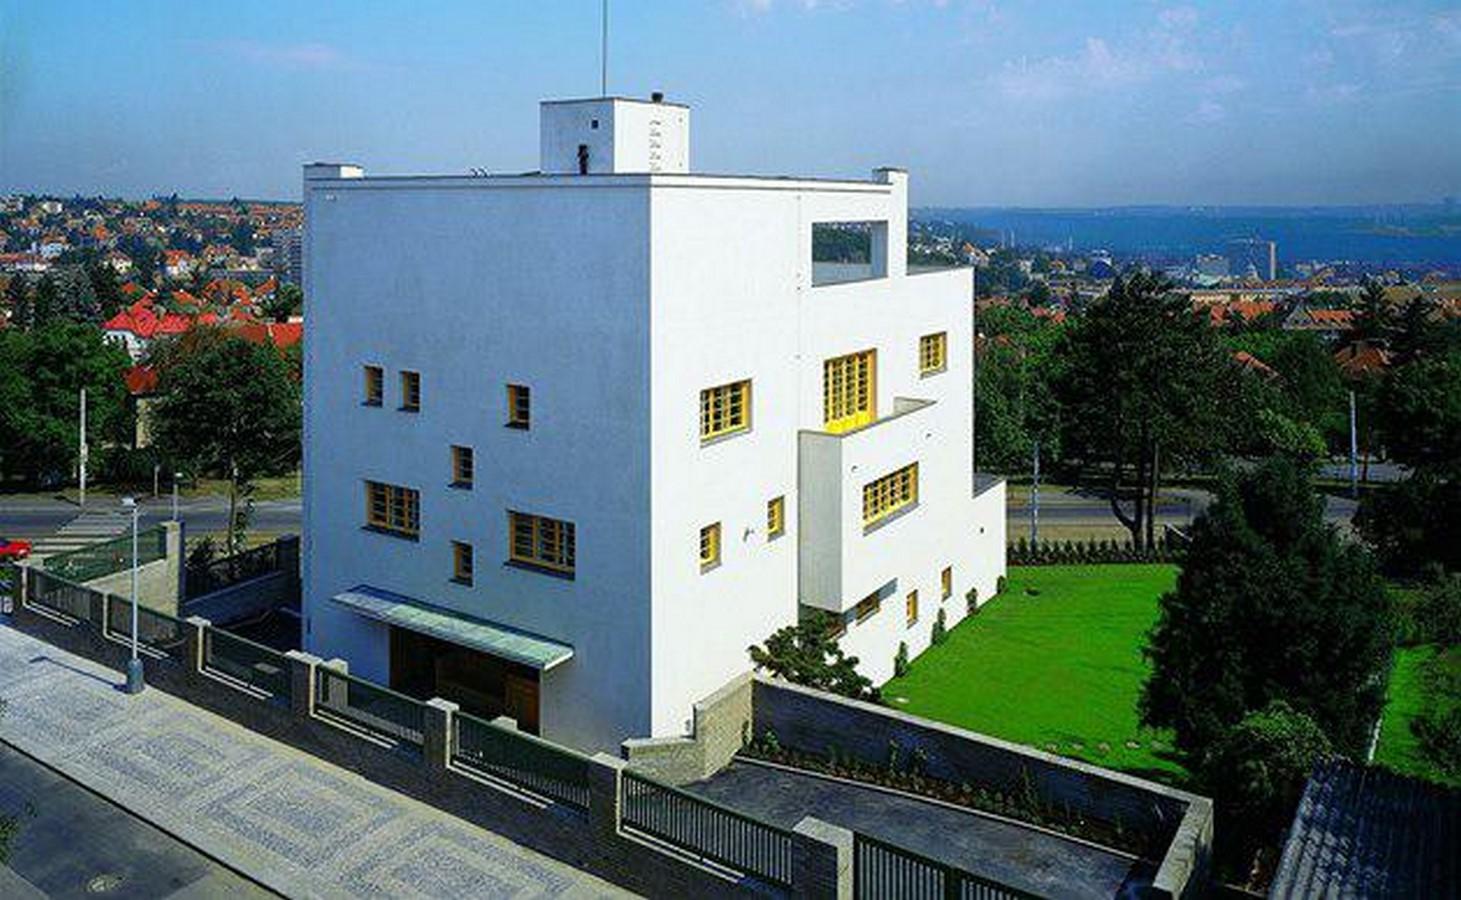 Villa Muller, Prague, Czech Republic | Adolf Loos - Sheet2